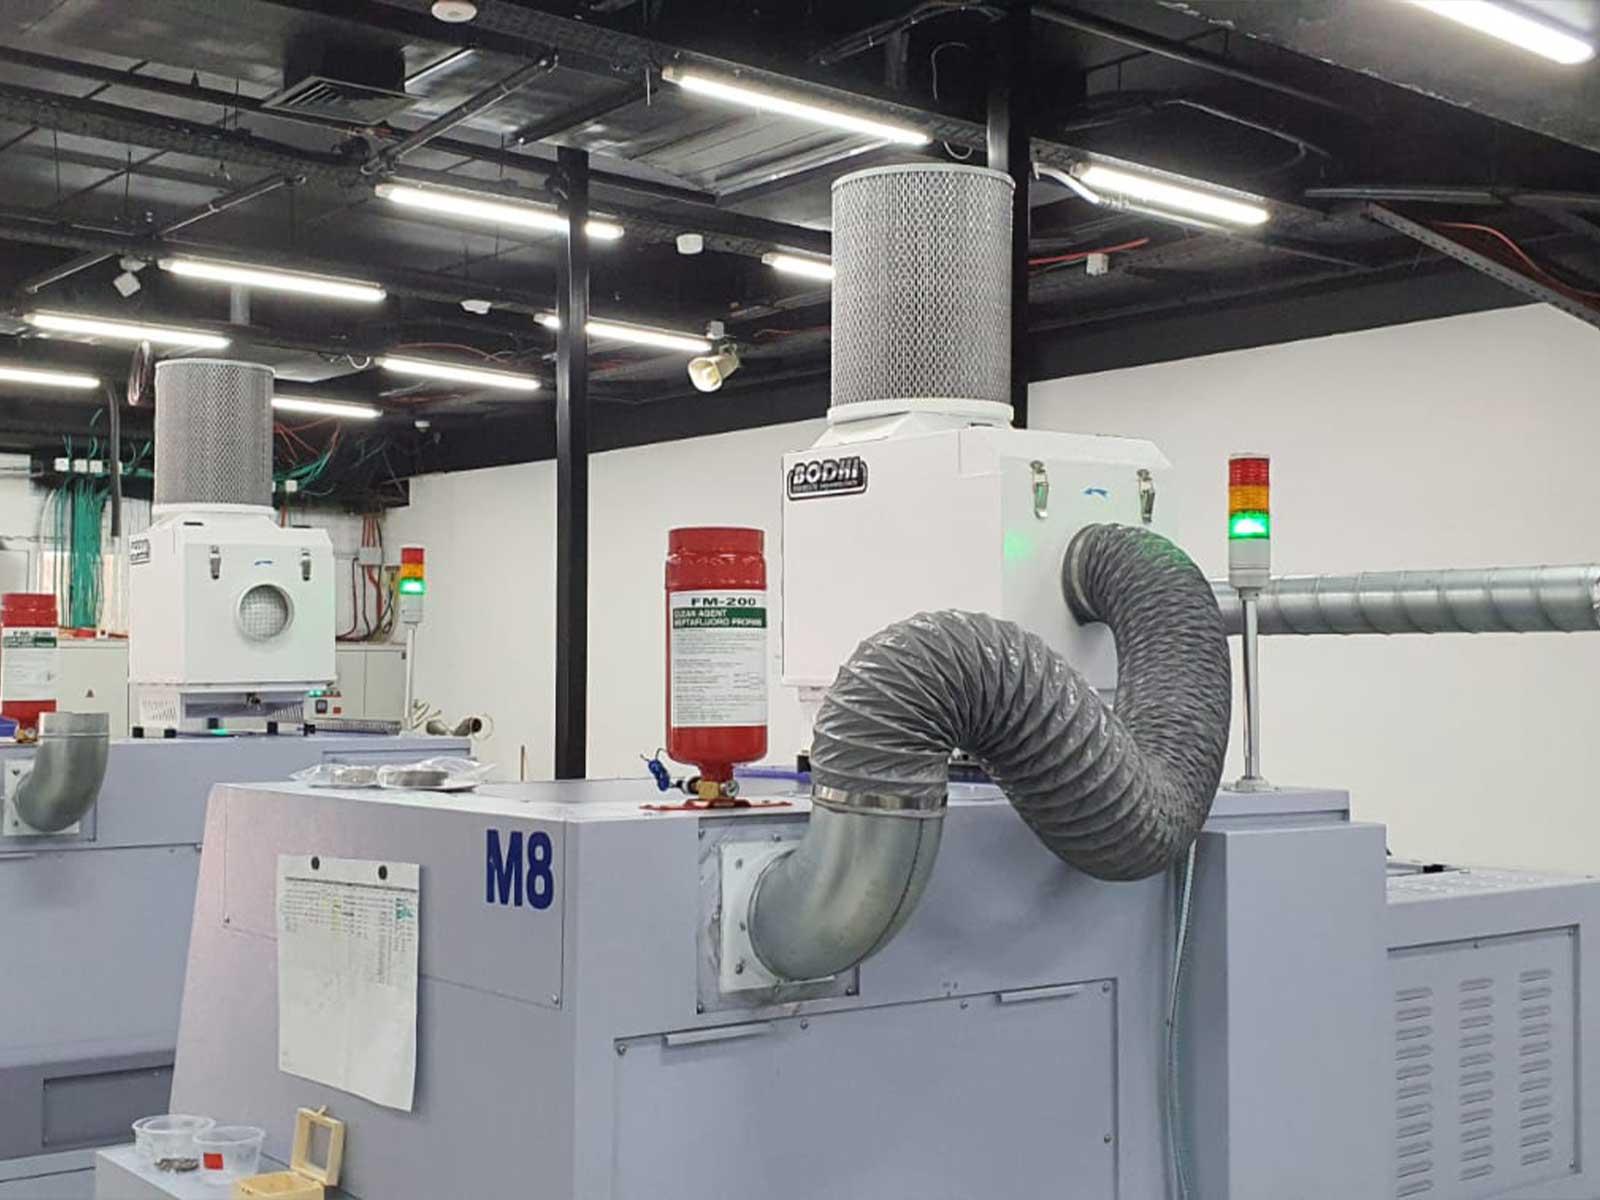 אלפא גייט – סינון אדי אמולסיה ושמן ממכונות עיבוד שבבי